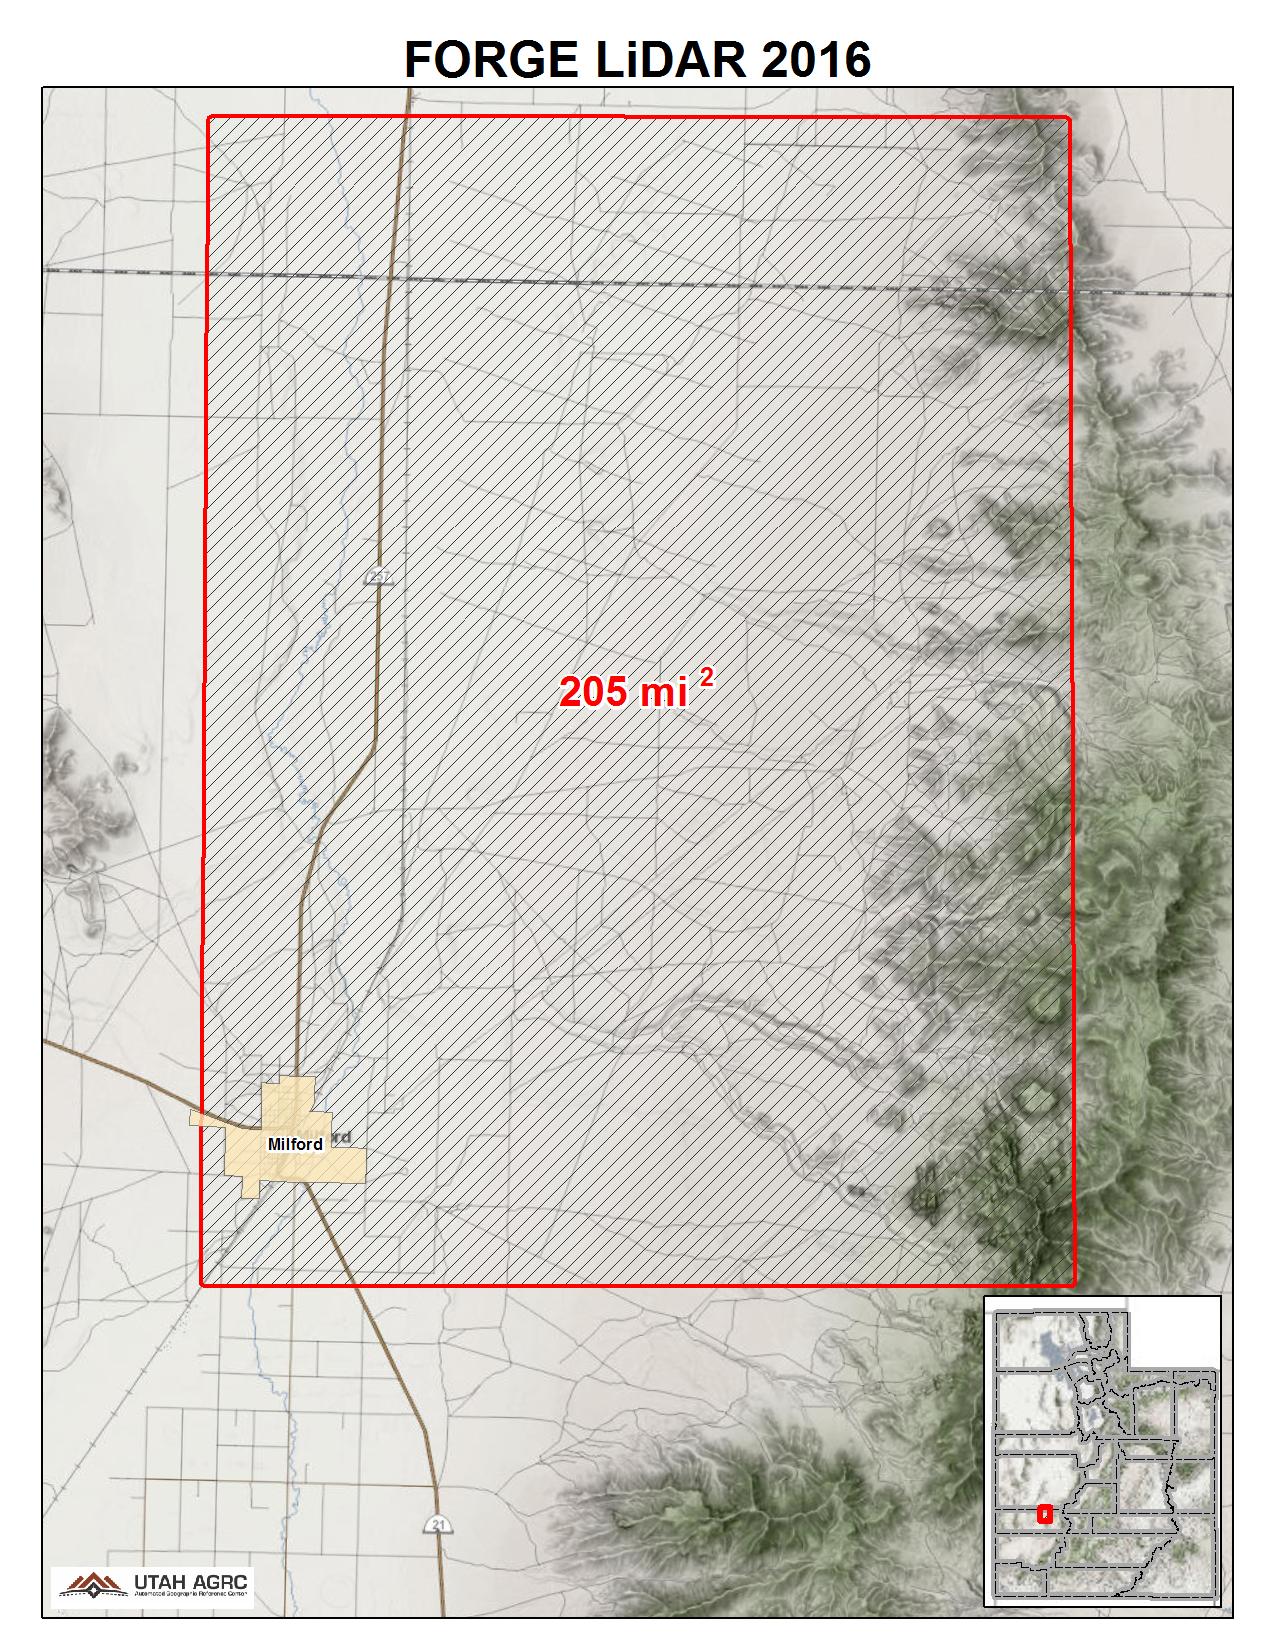 Milford Utah Map.2016 Forge Lidar Elevation Data